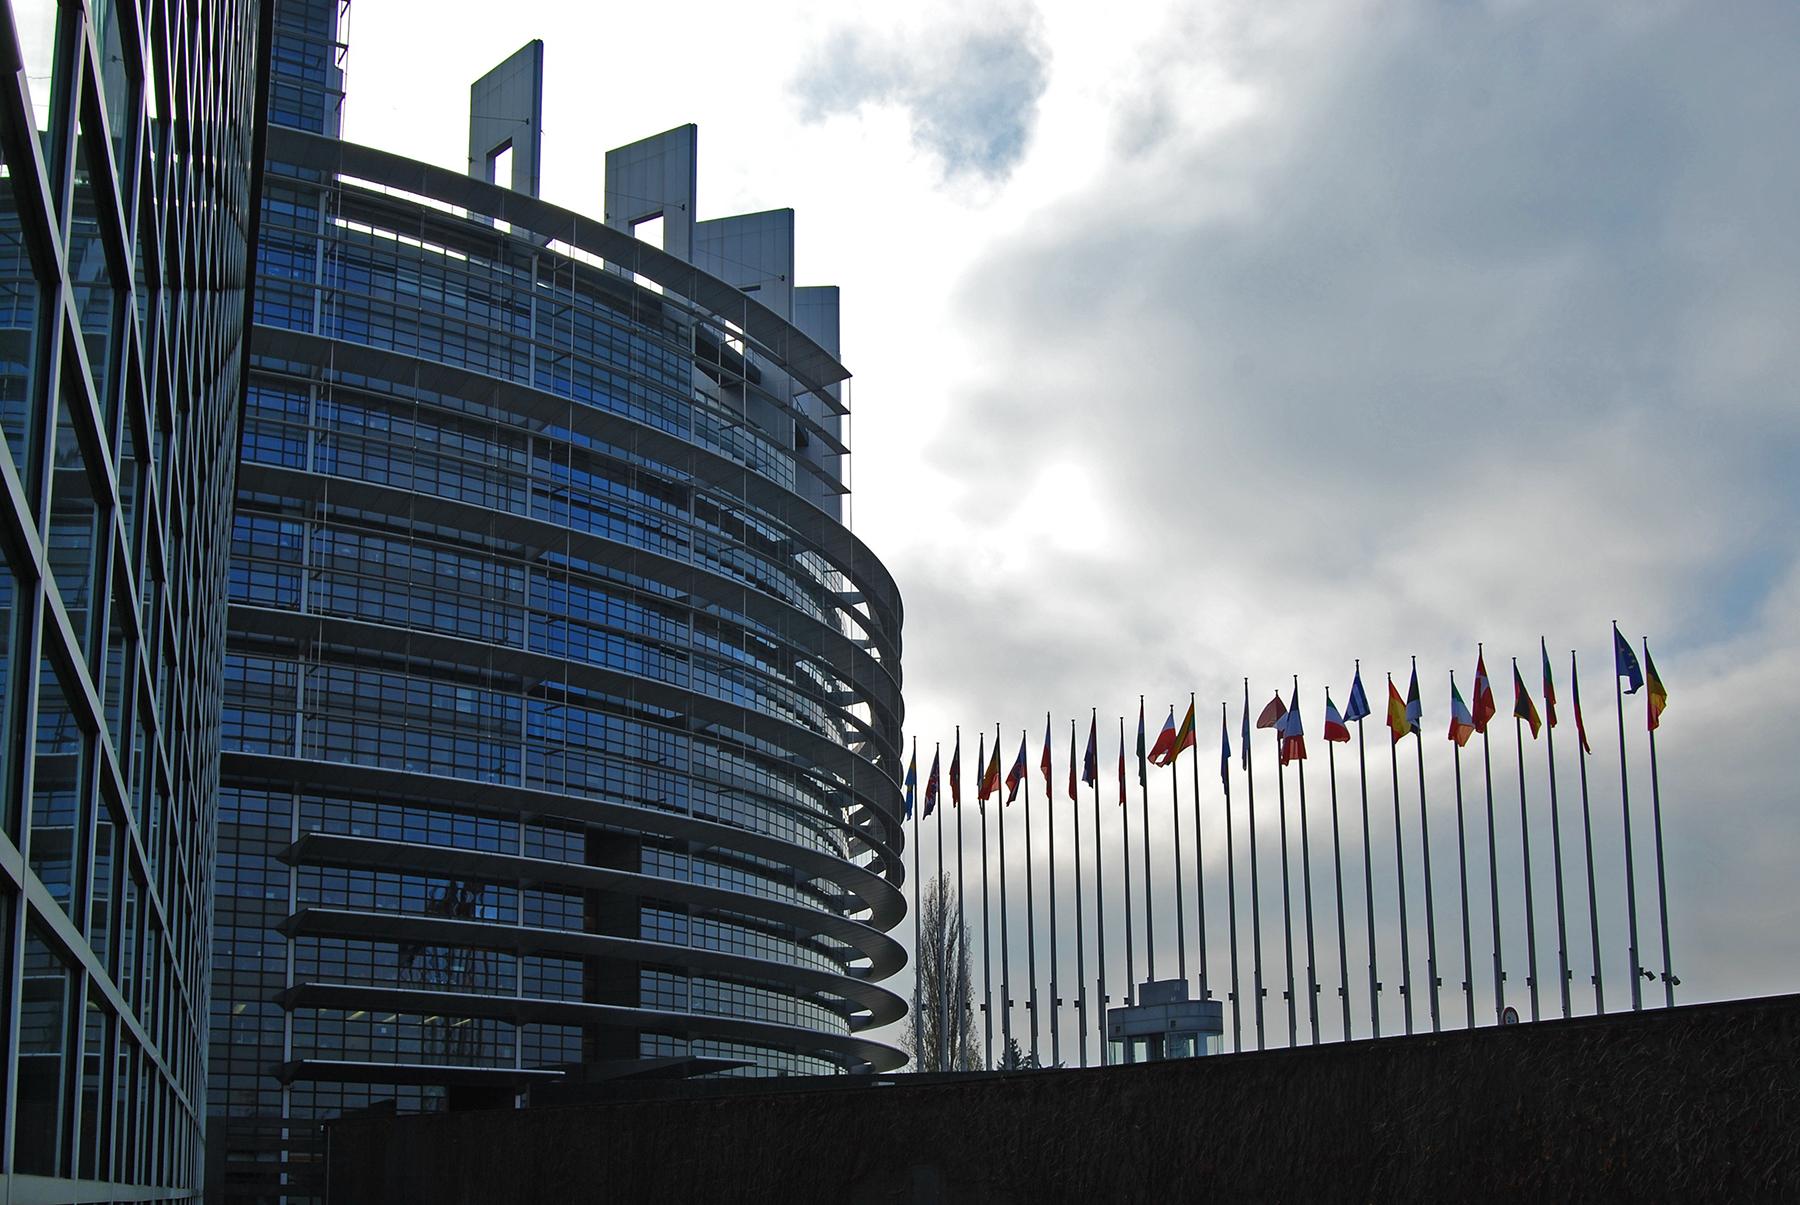 Το κτίριο του Ευρωπαϊκού Κοινοβουλίου στο Στρασβούργο